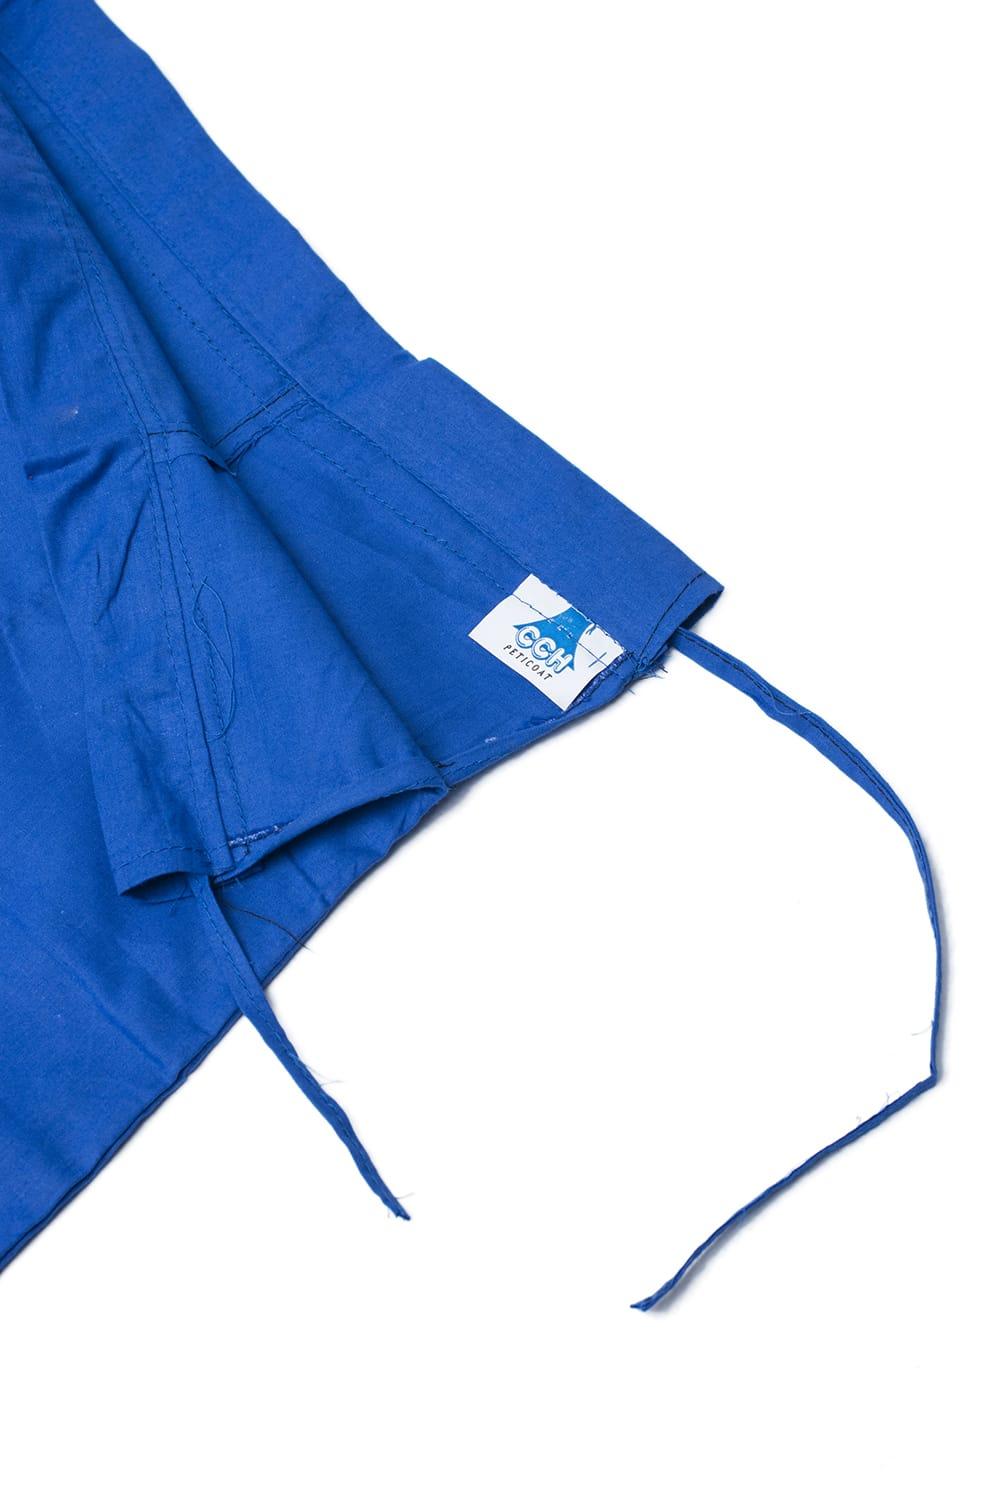 サリーの下に着るペチコート ブルー 4 - ウエストは紐で絞るタイプになります。